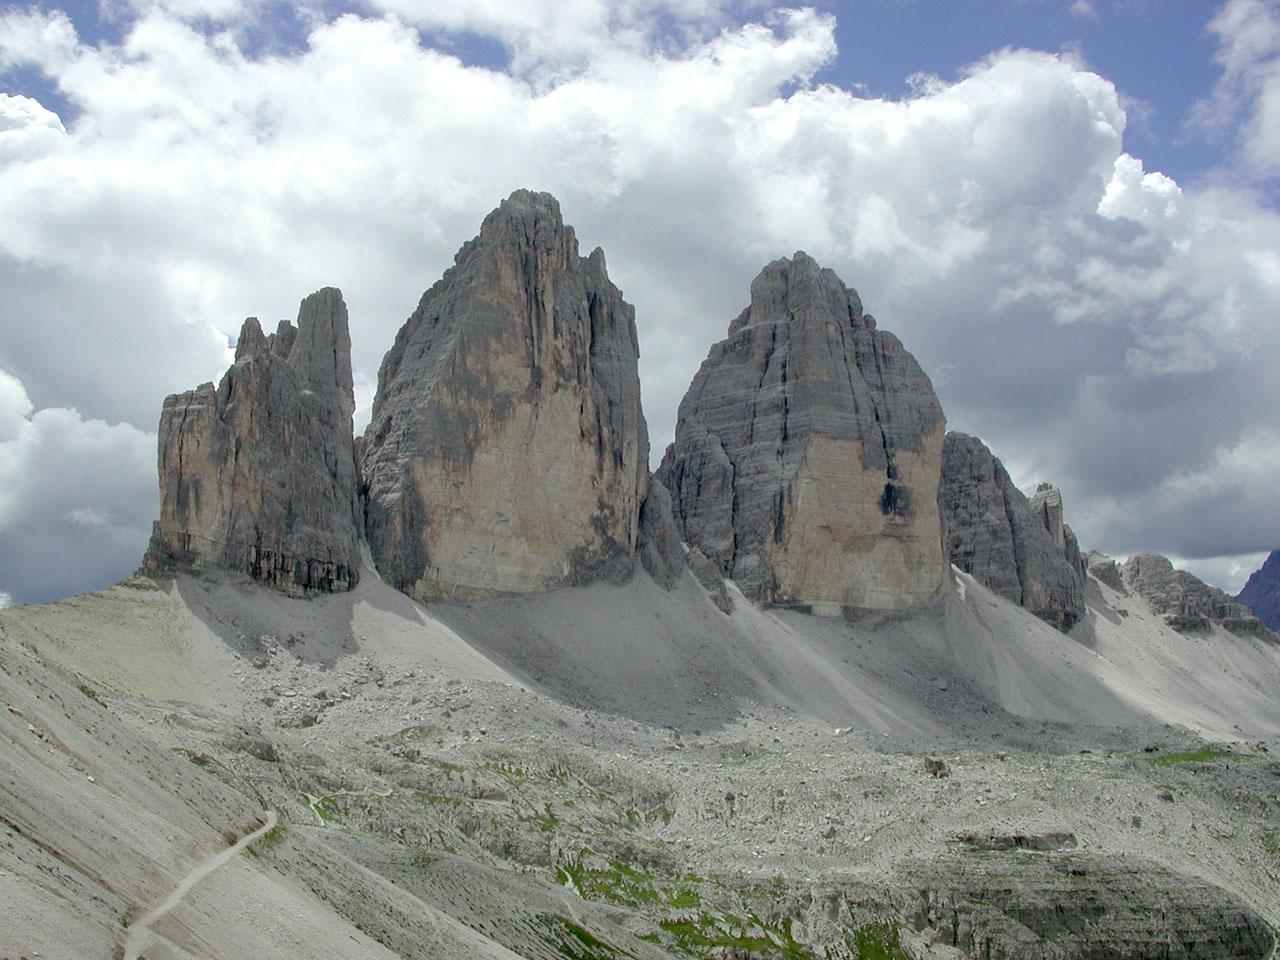 Pico-Drei-zinnen-en-dolomitas